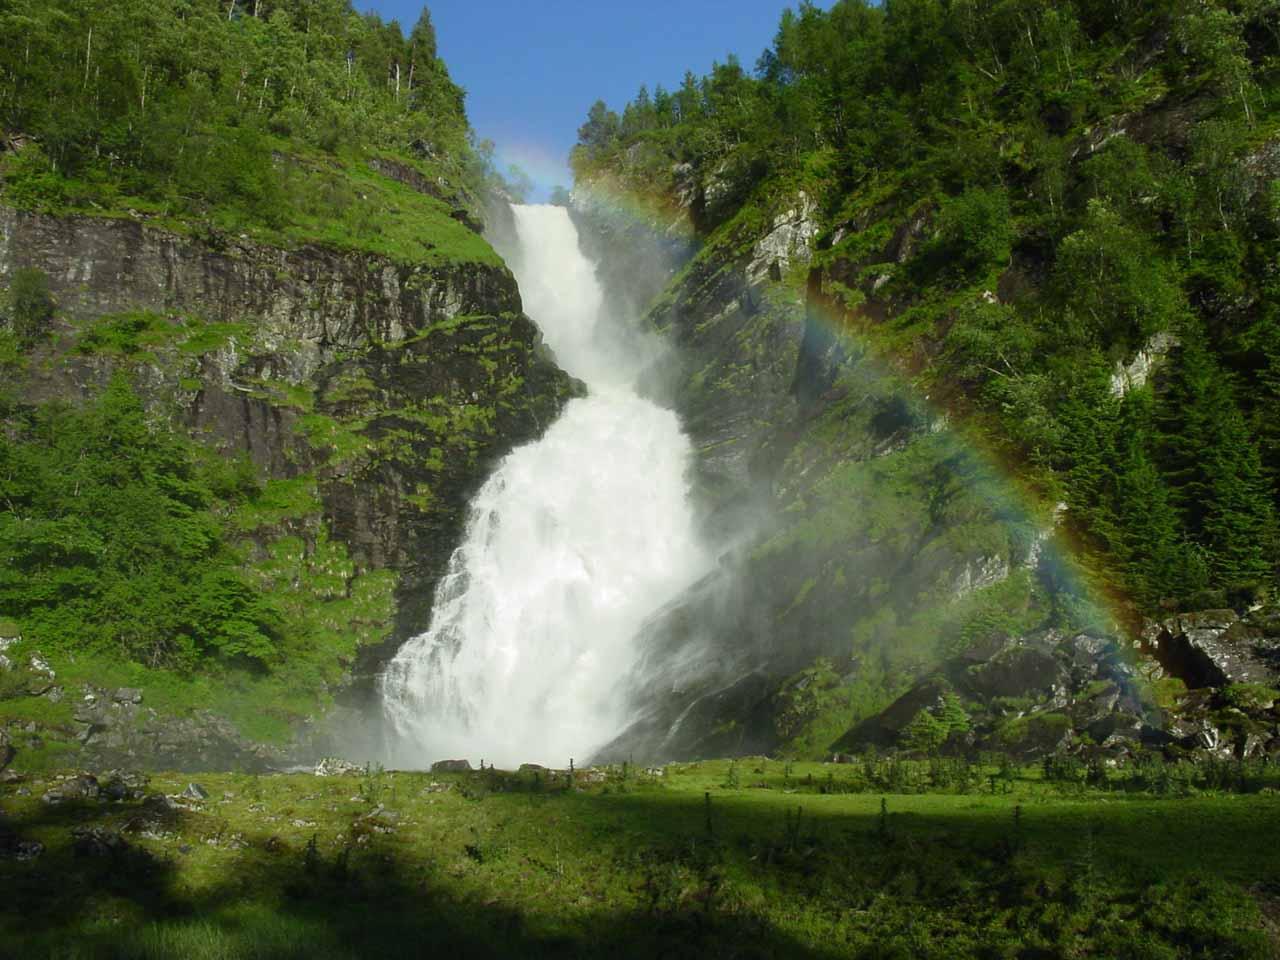 A Sogn og Fjordane Waterfall